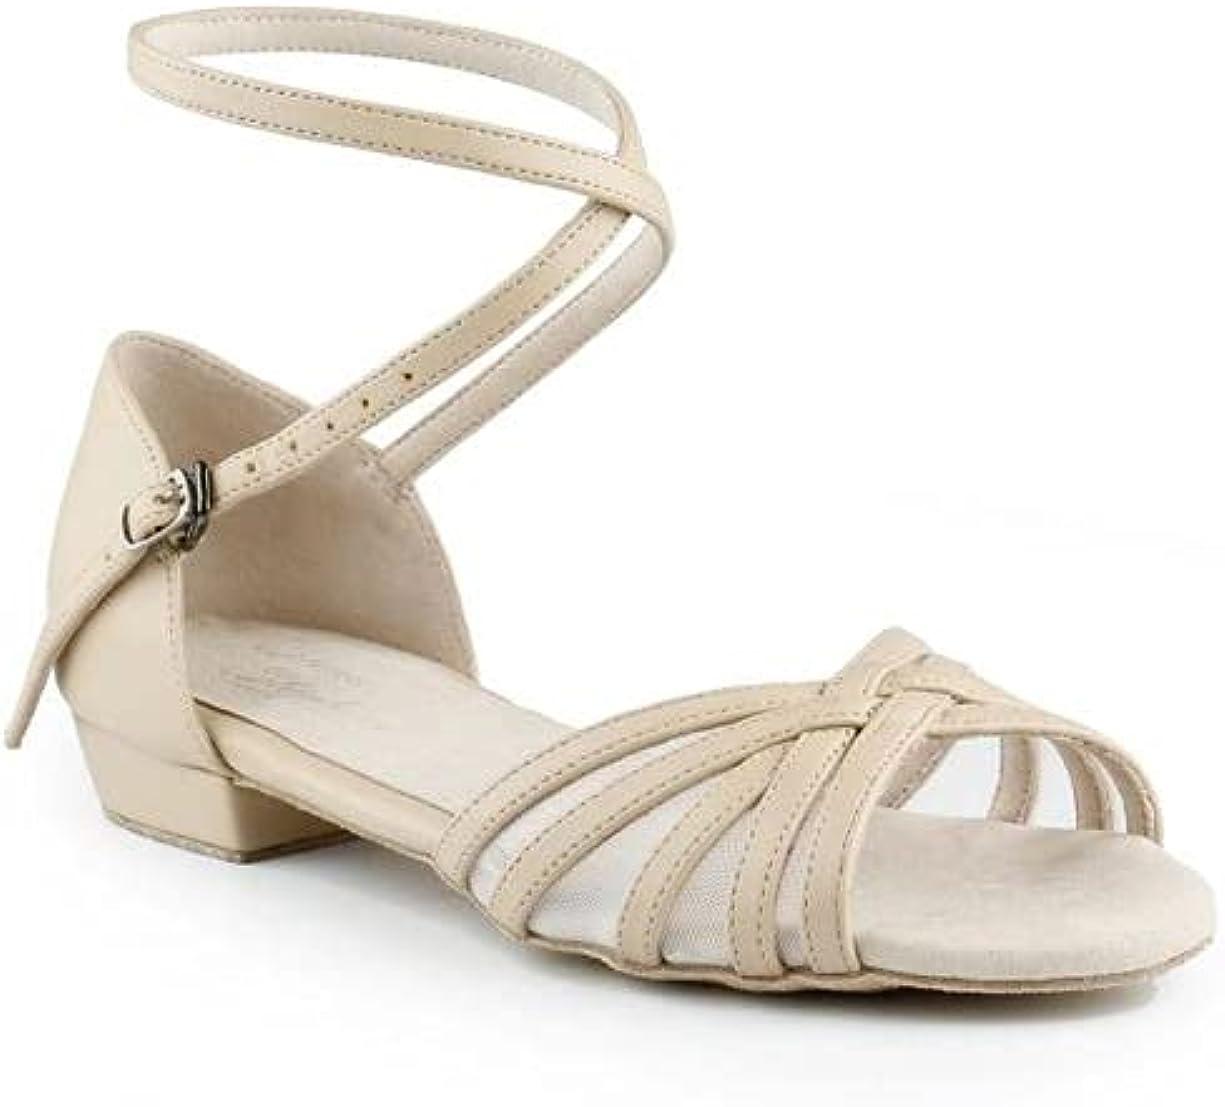 Mesh Latin Swing Dance Shoes Women Low Heel Women Ballroom Dance Shoes Salsa Social Beginner Practice Wedding Dancing Heels.